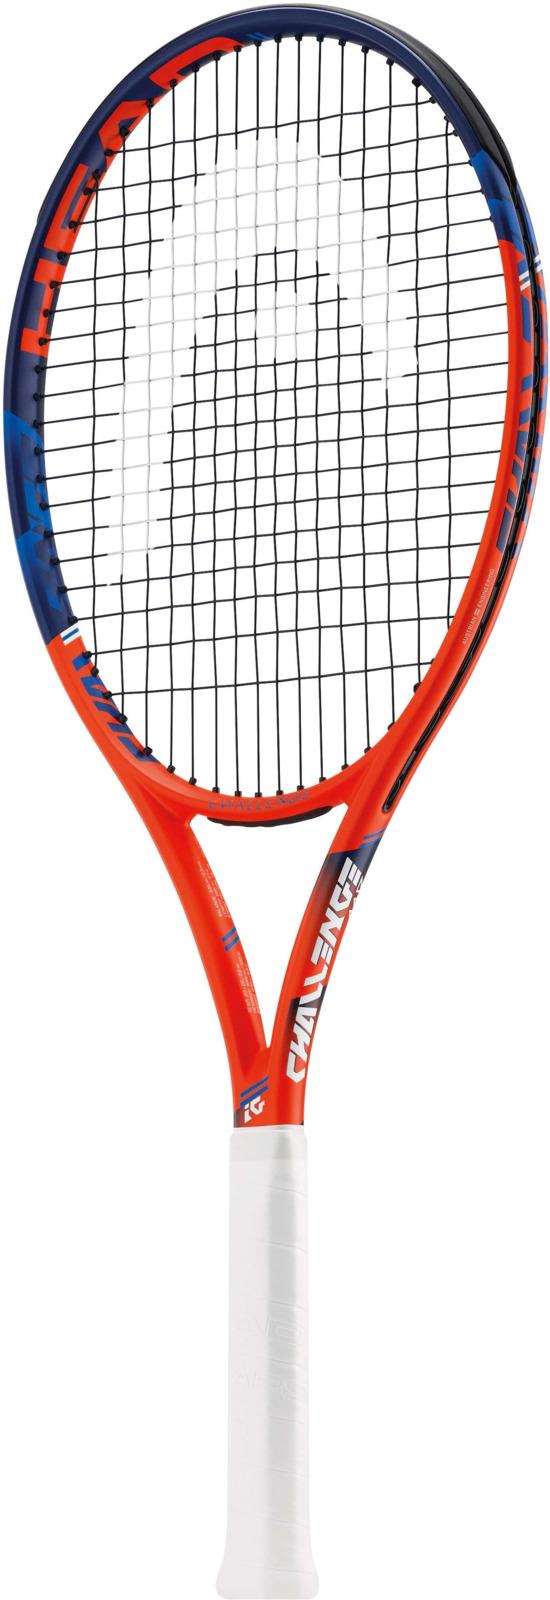 Ракетка теннисная Head IG Challenge MP, оранжевый, ручка 2 теннисная ракетка prince 7t35